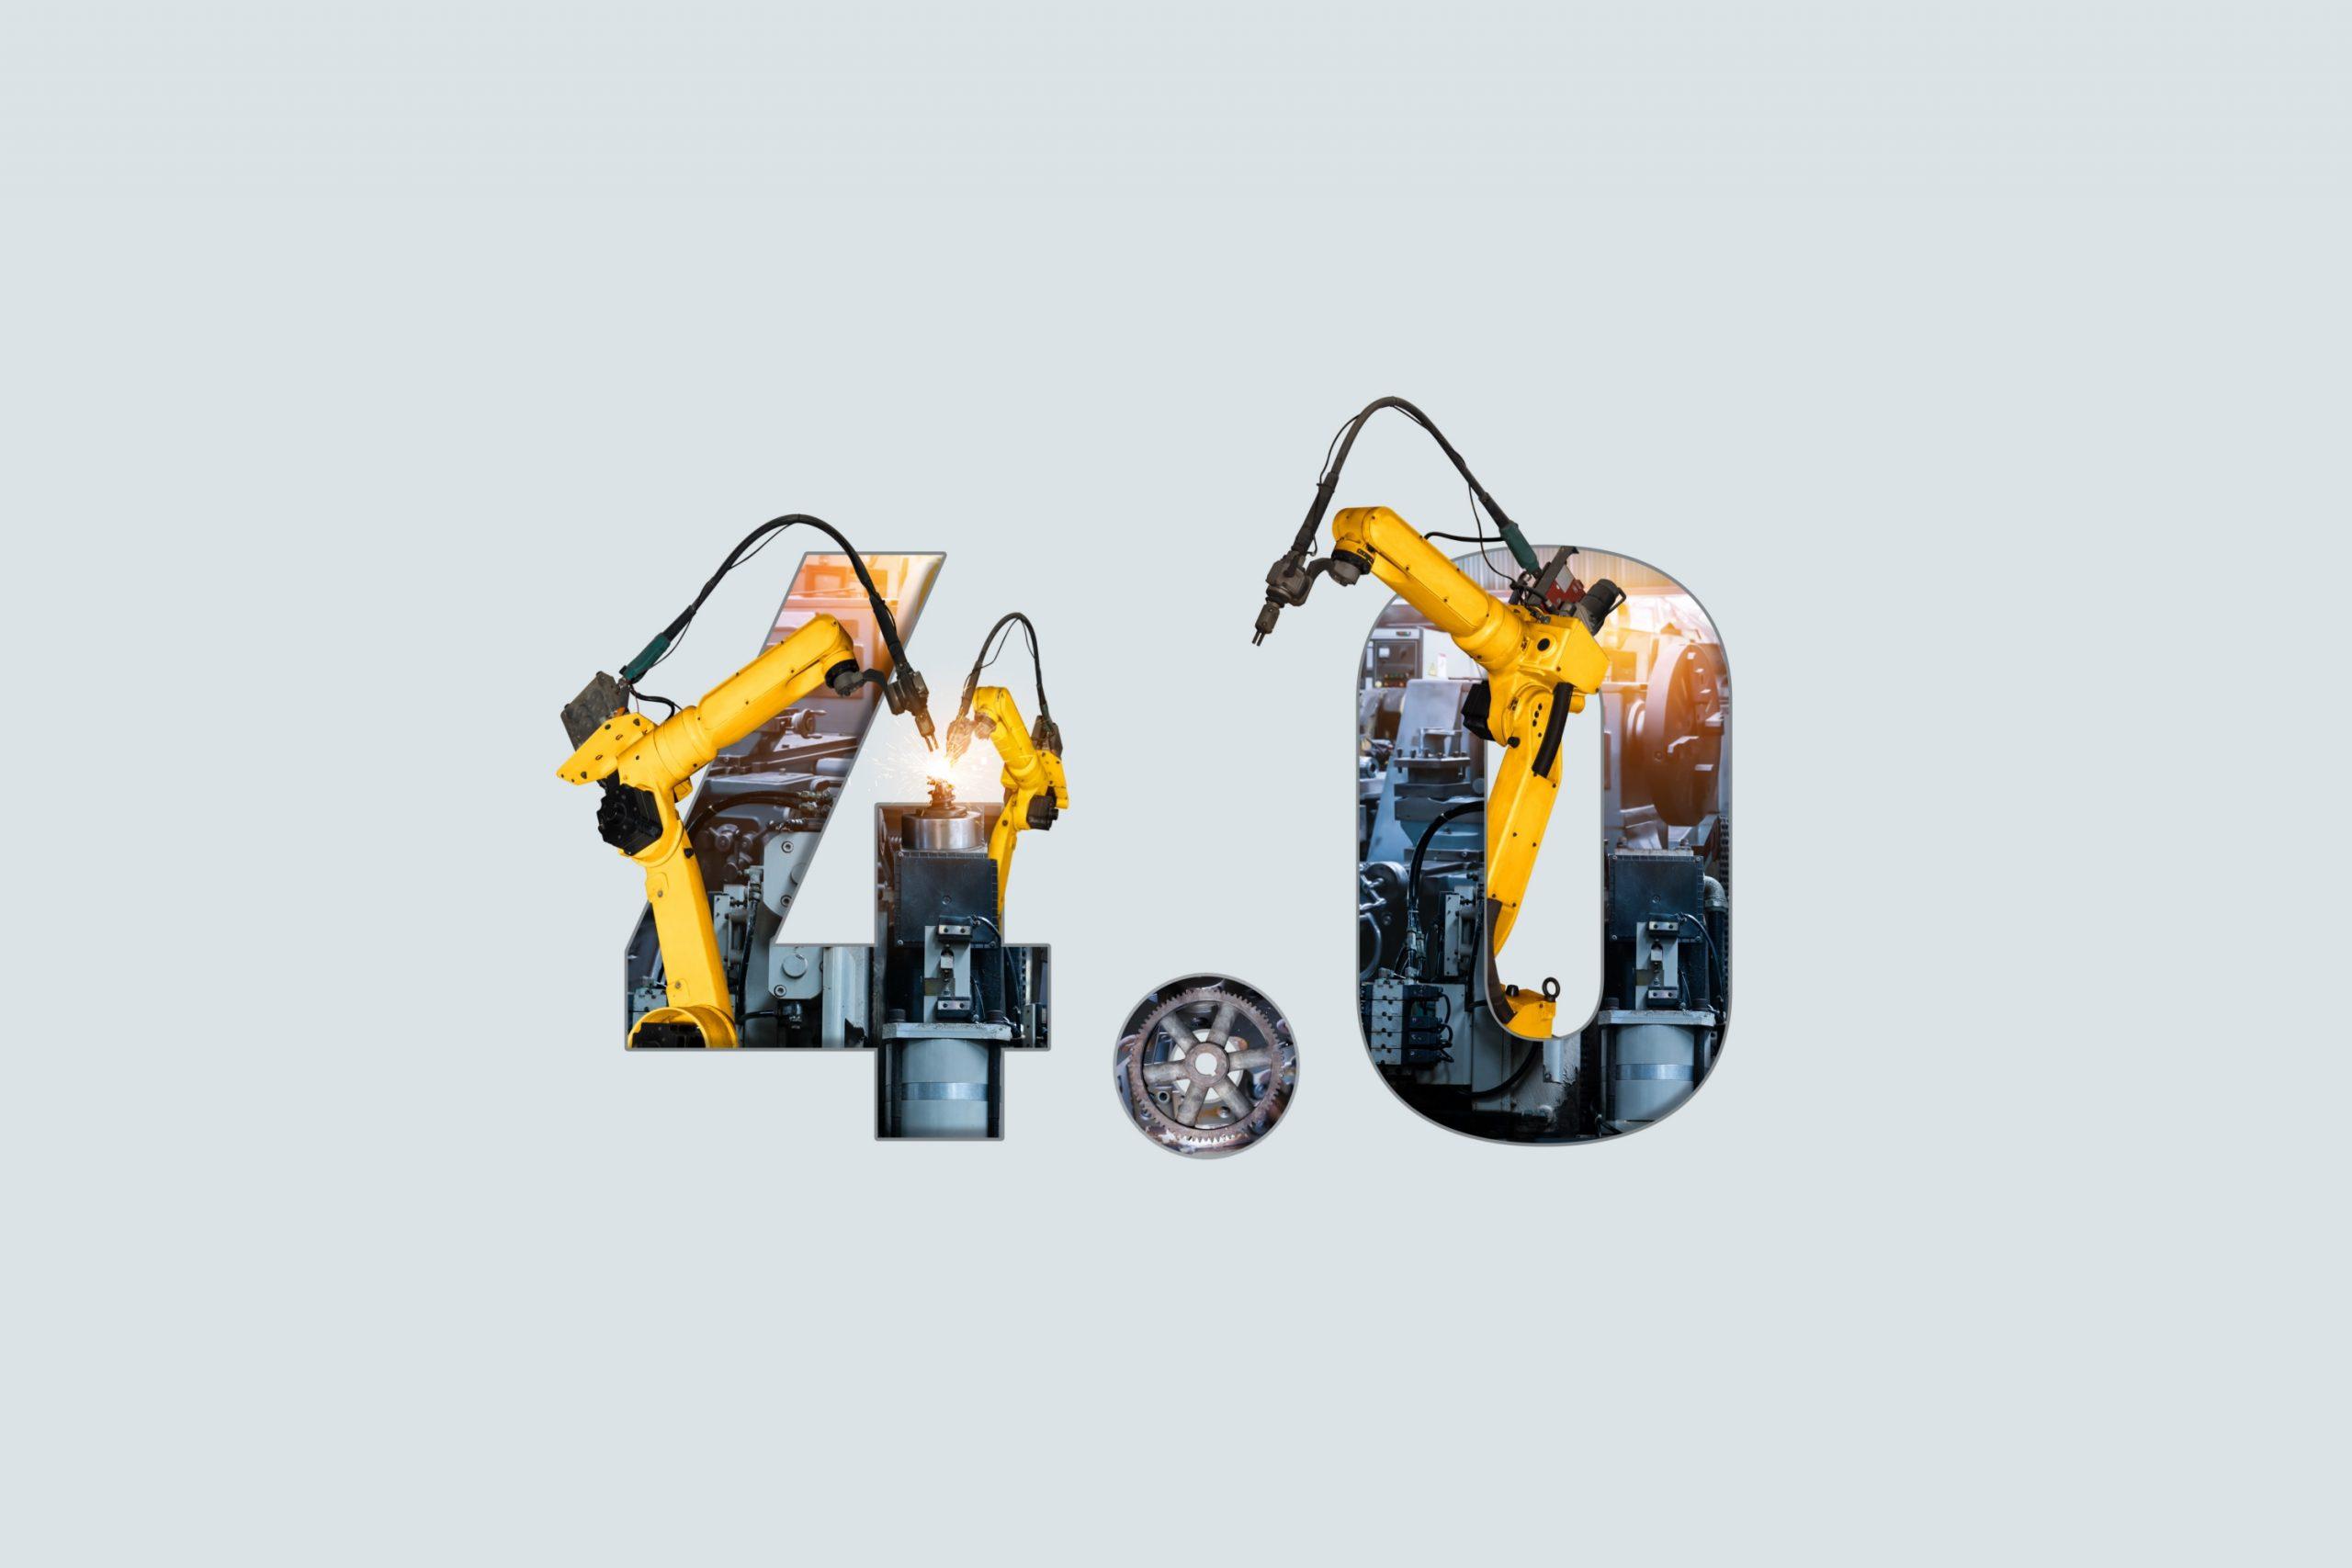 Pourquoi L'industrie 4.0 révolutionne t'elle la chaine d'approvisionnement ?<span class=